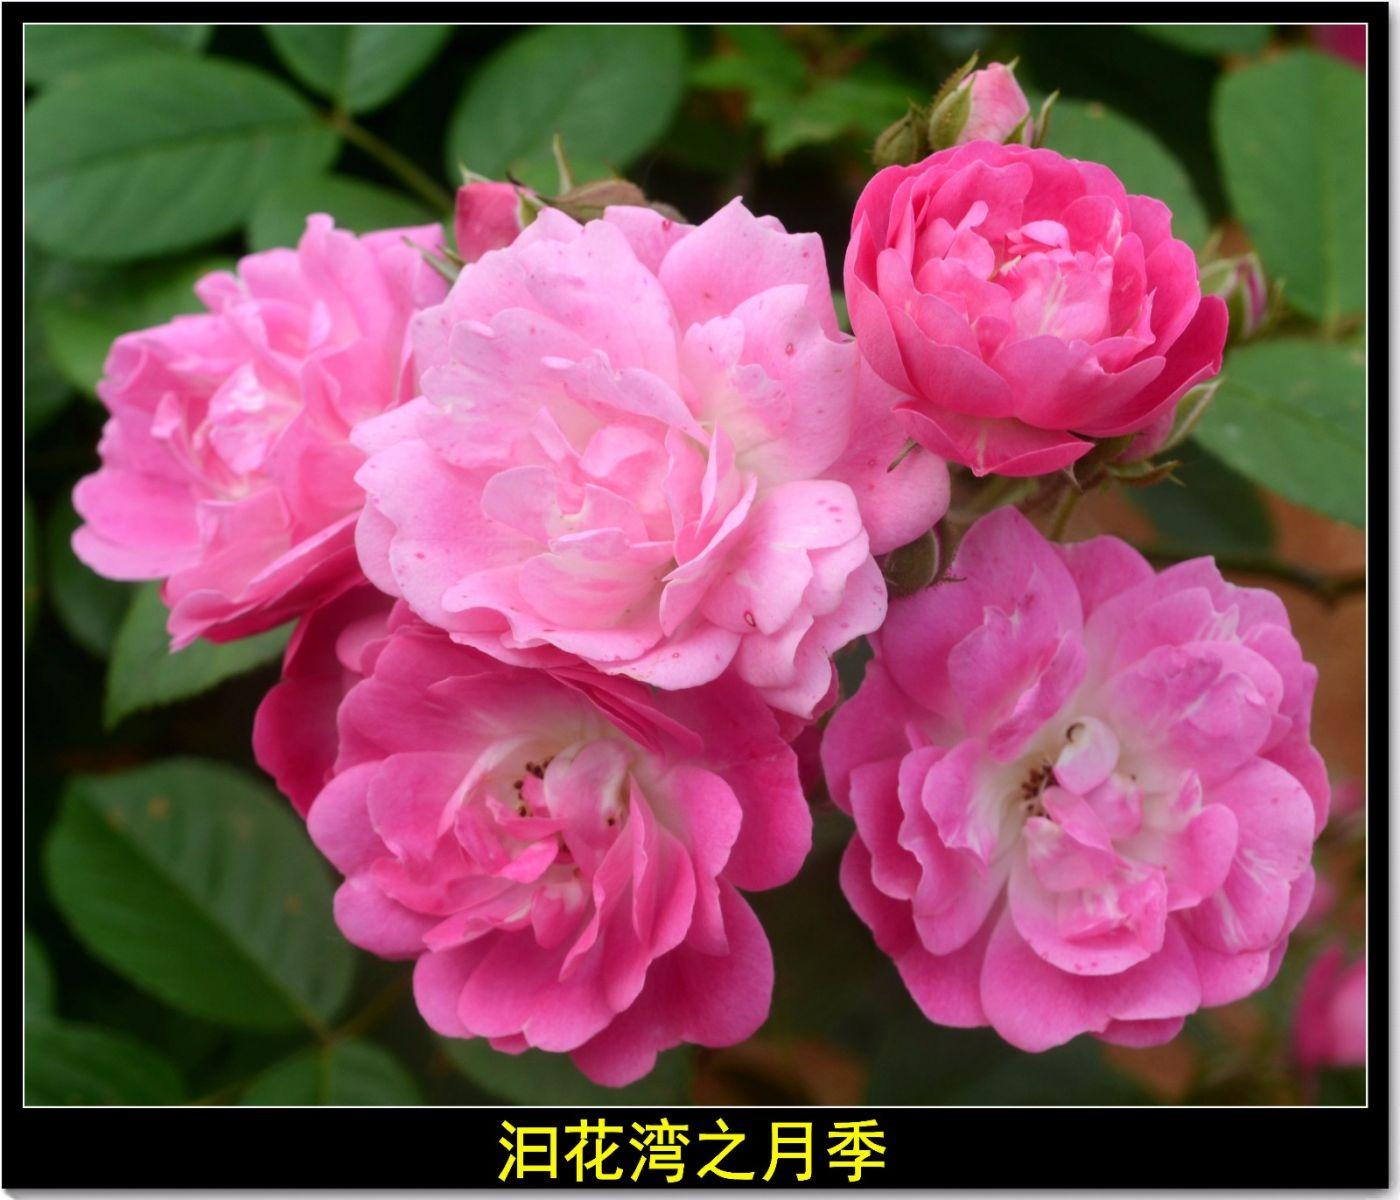 平江泊头记(诗文)_图1-3